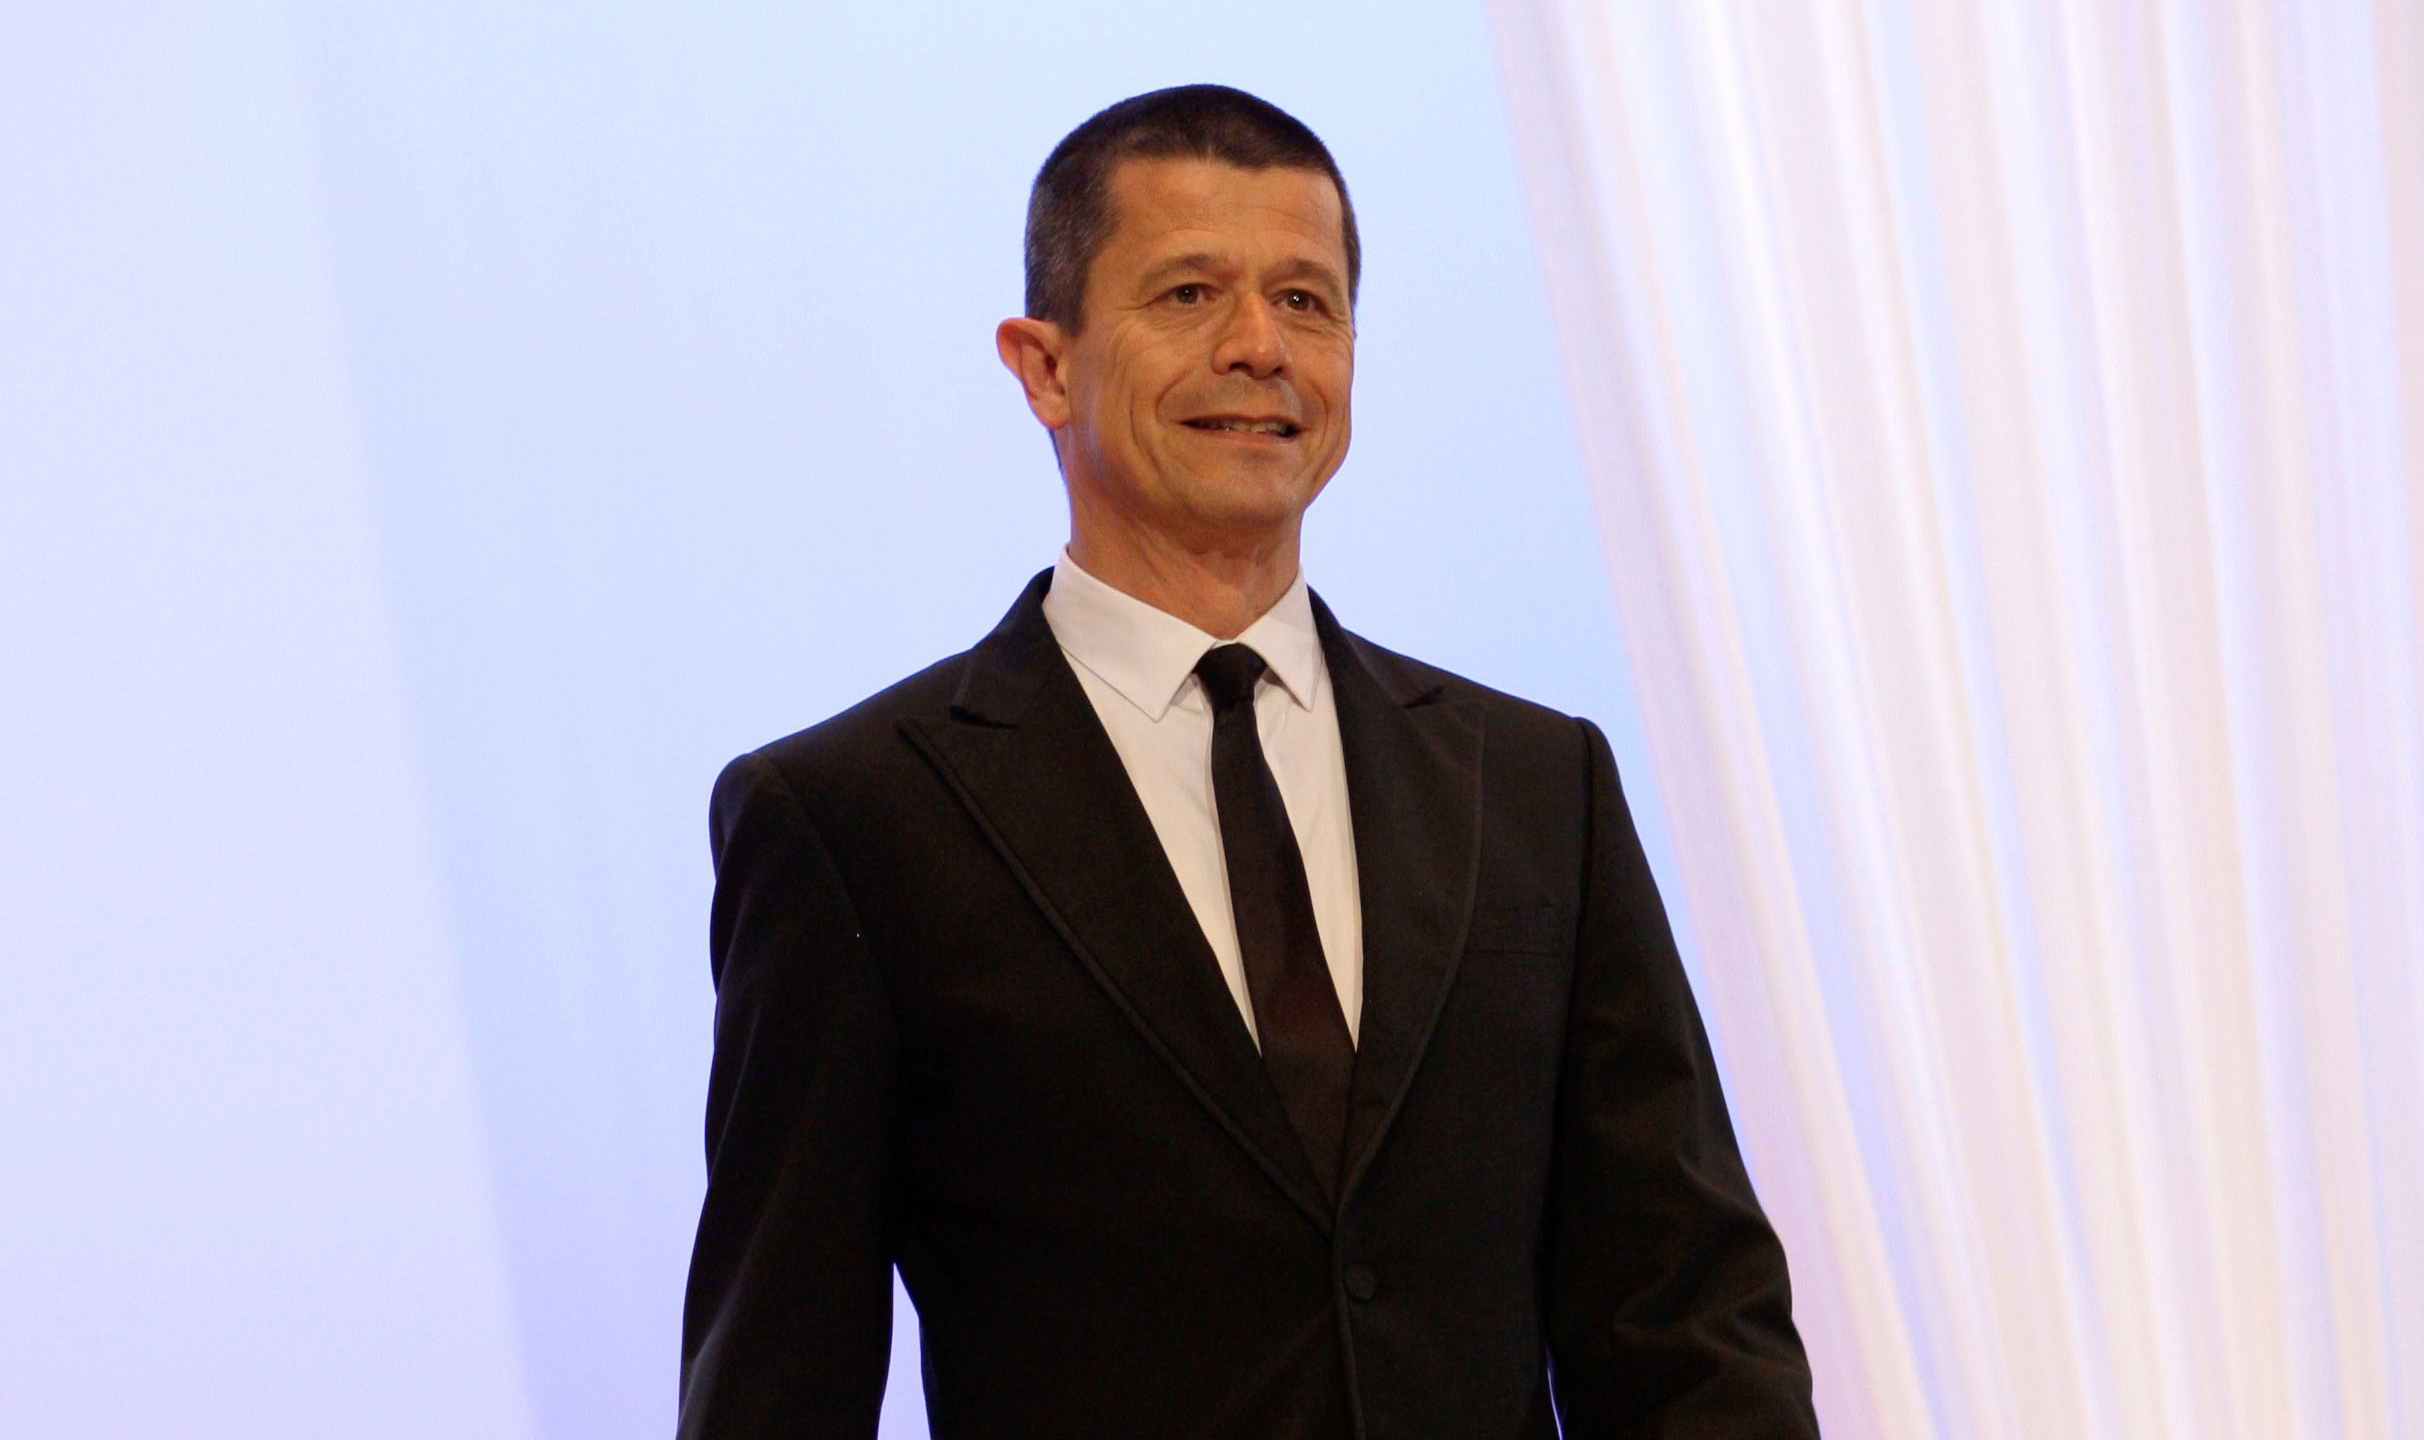 Emmanuel Carrere